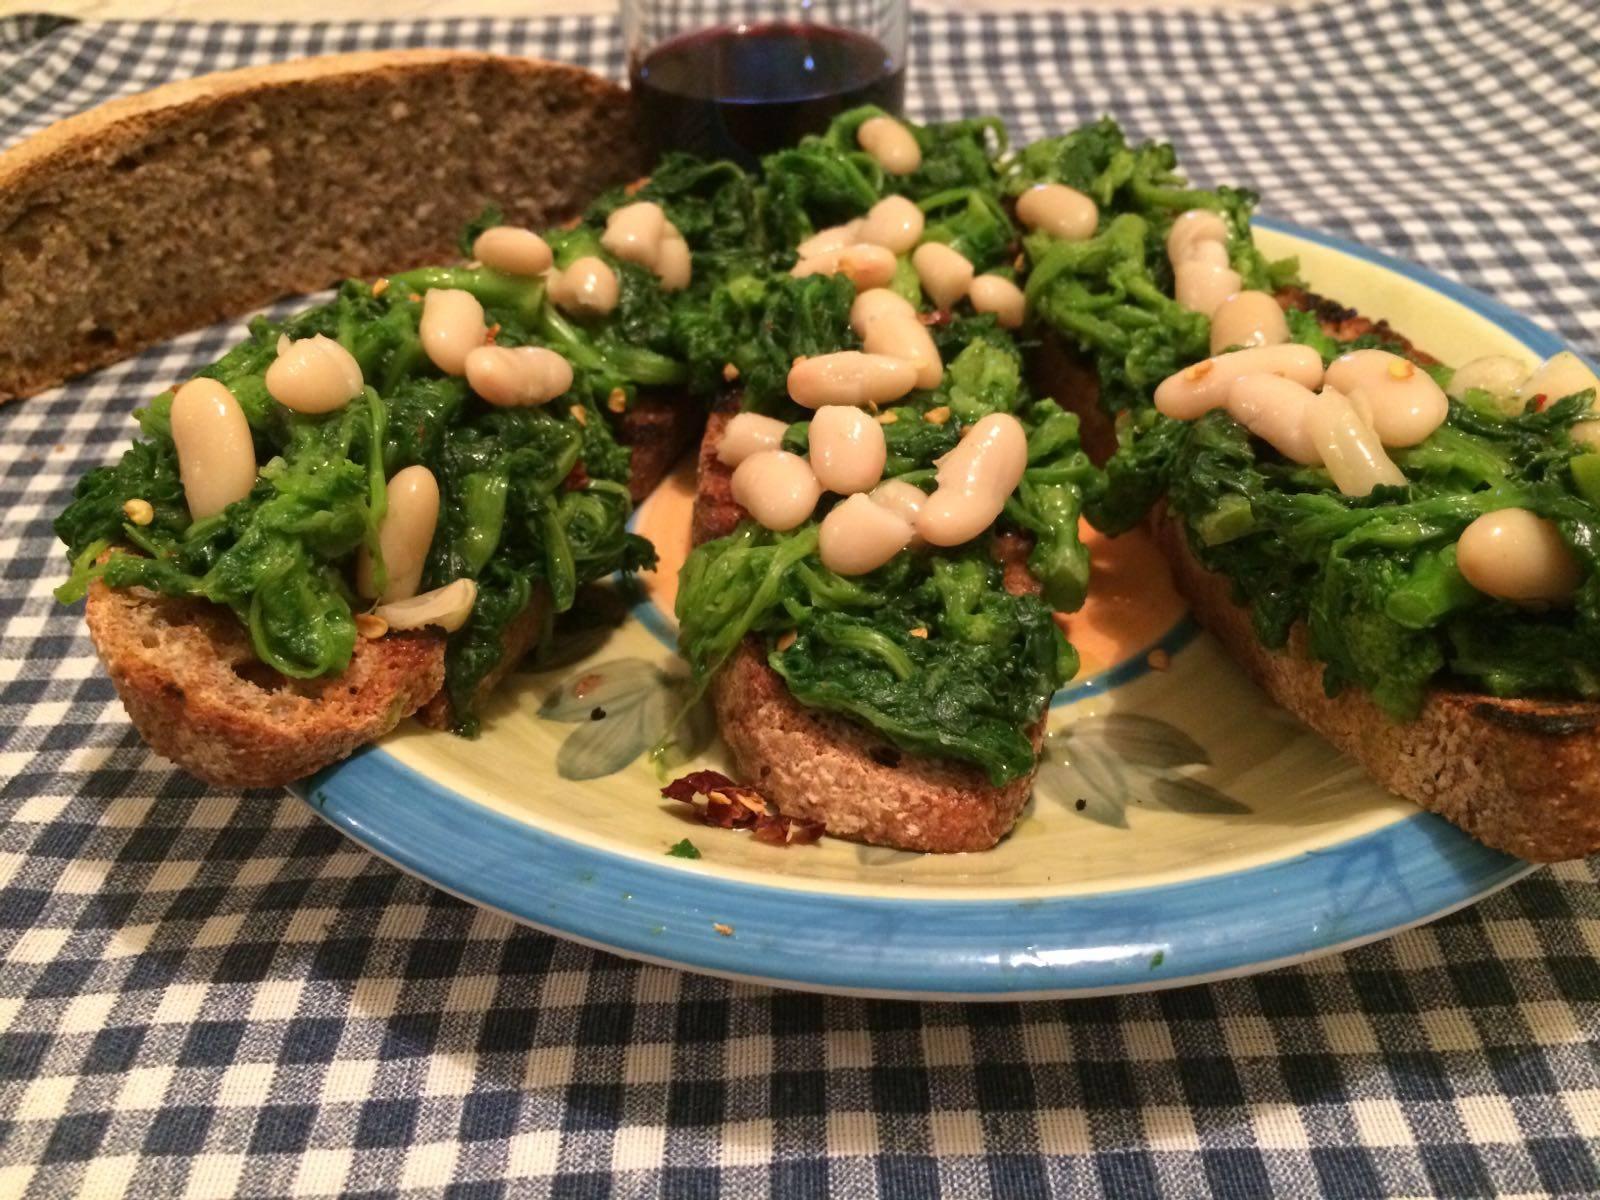 Crostone di pane integrale con broccoli e fagioli